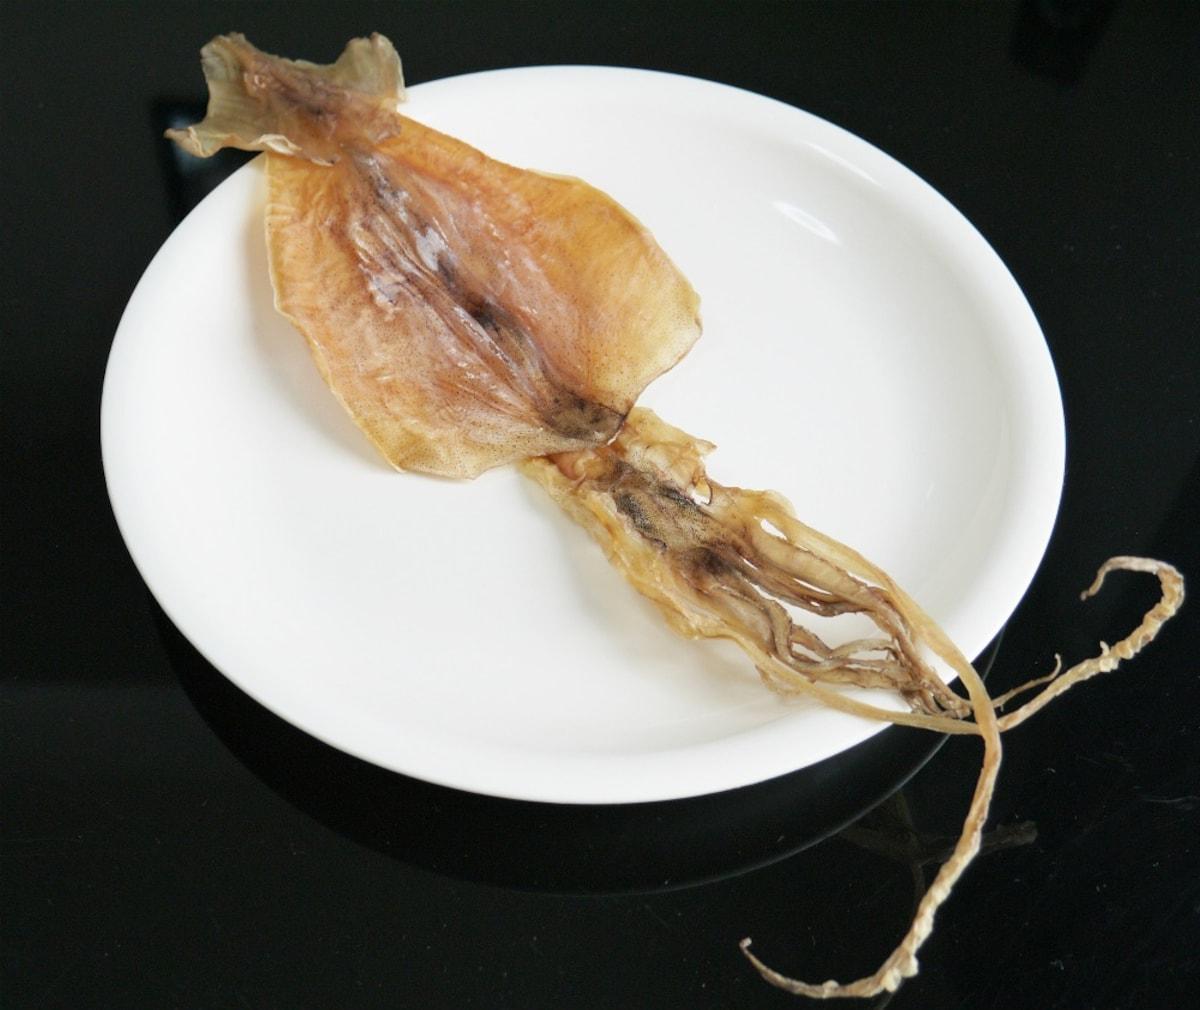 9. Dried Squid